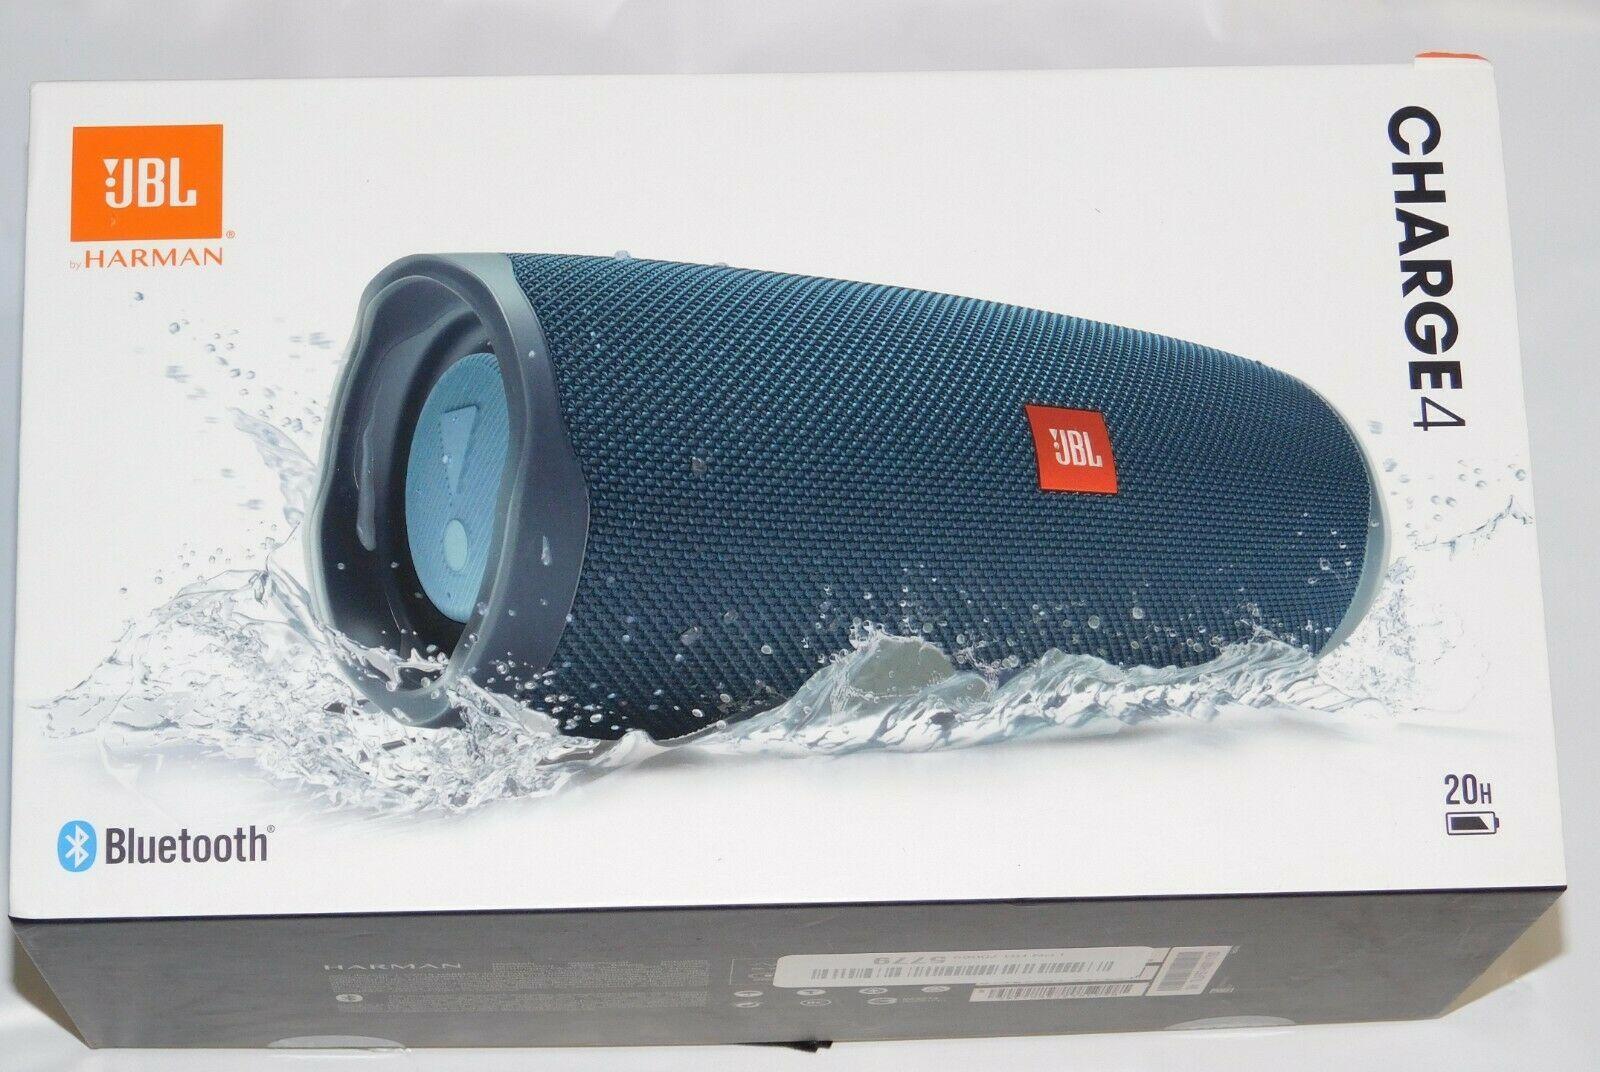 Jbl Charge 4 Portable Bluetooth Speaker New Jbl Bluetooth Speakers Portable Wireless Speakers Bluetooth